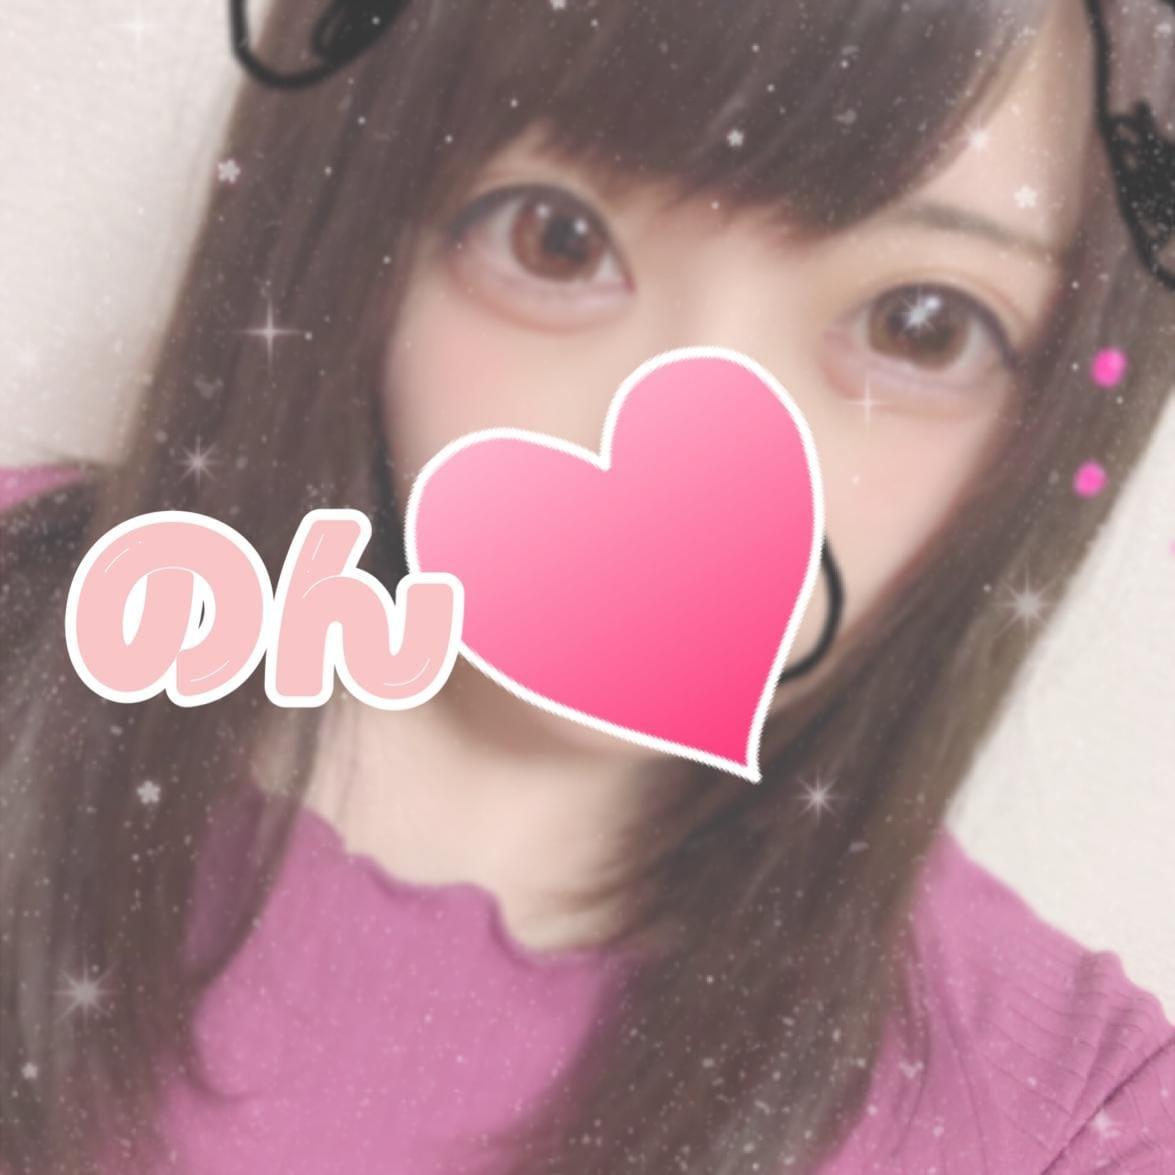 「♡ のん ♡」08/19(日) 23:38   のんの写メ・風俗動画